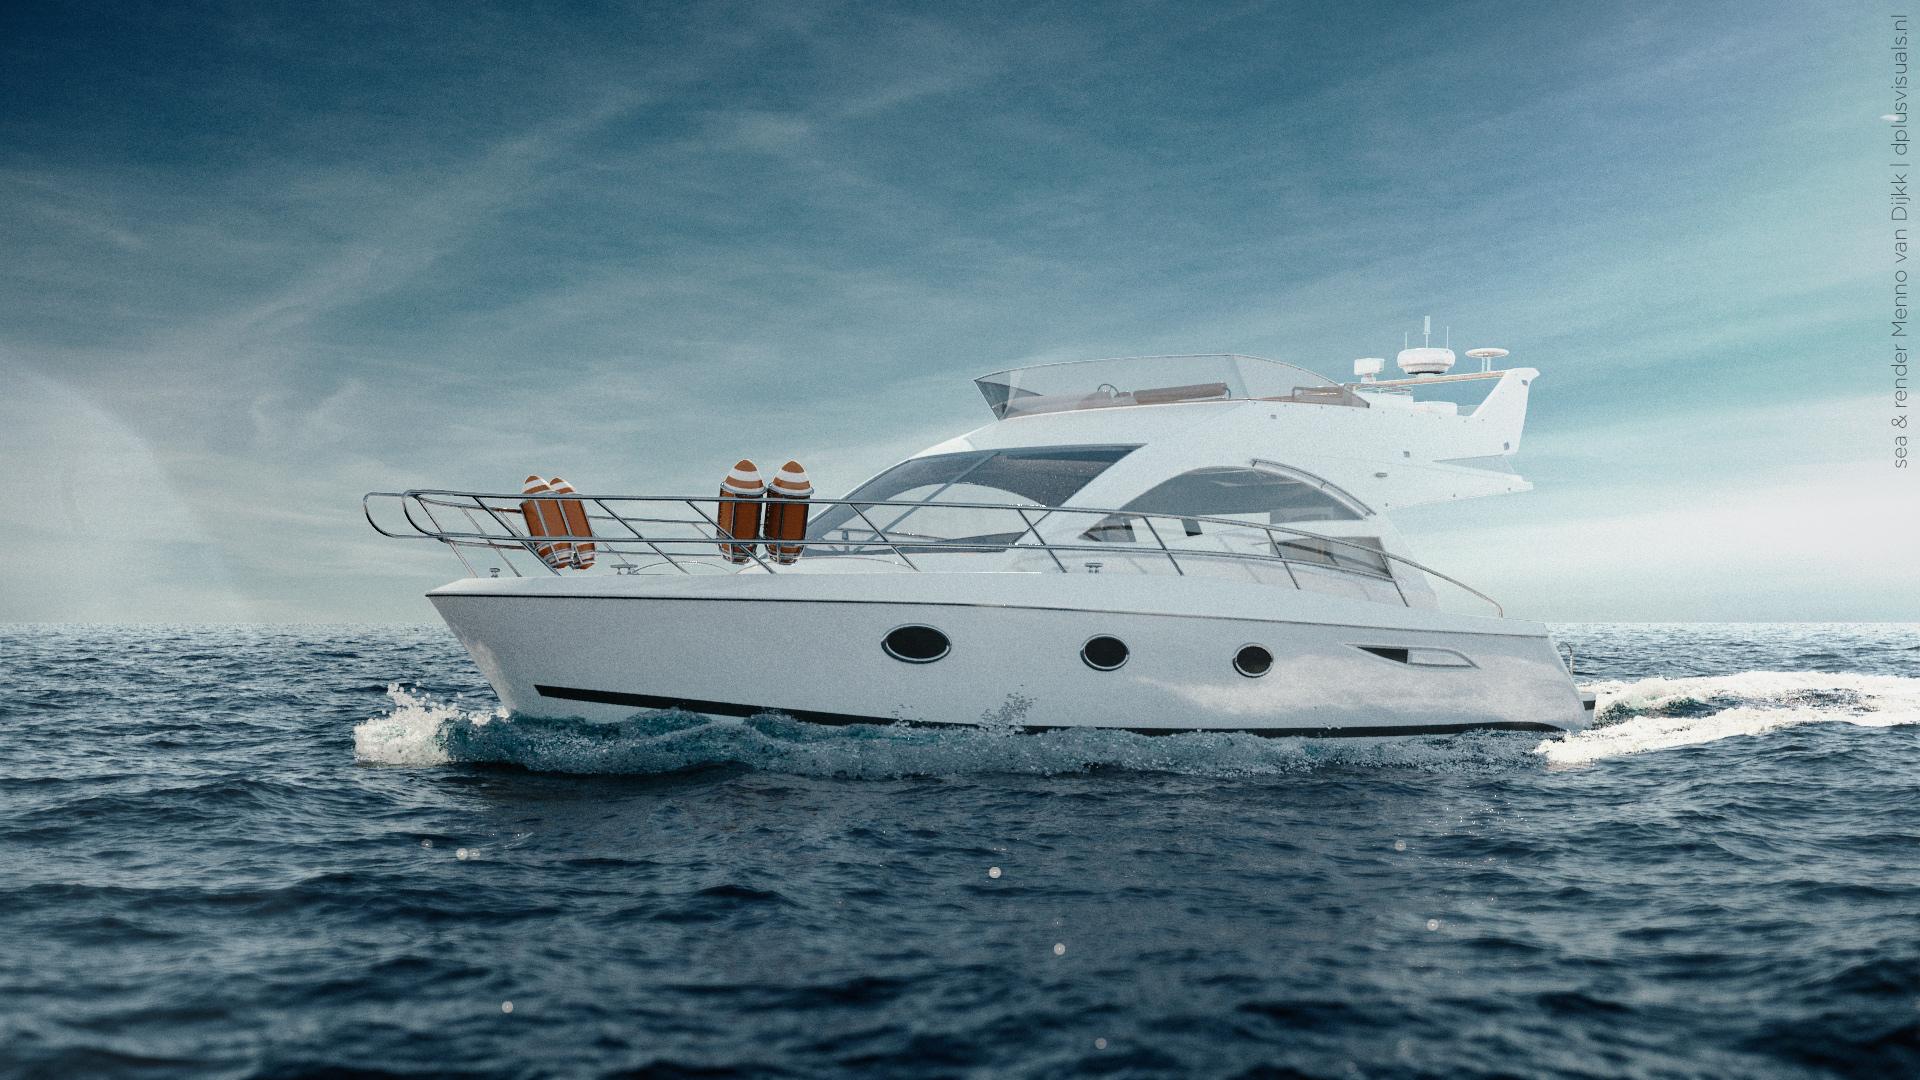 Yacht at sea   Dplus Visuals